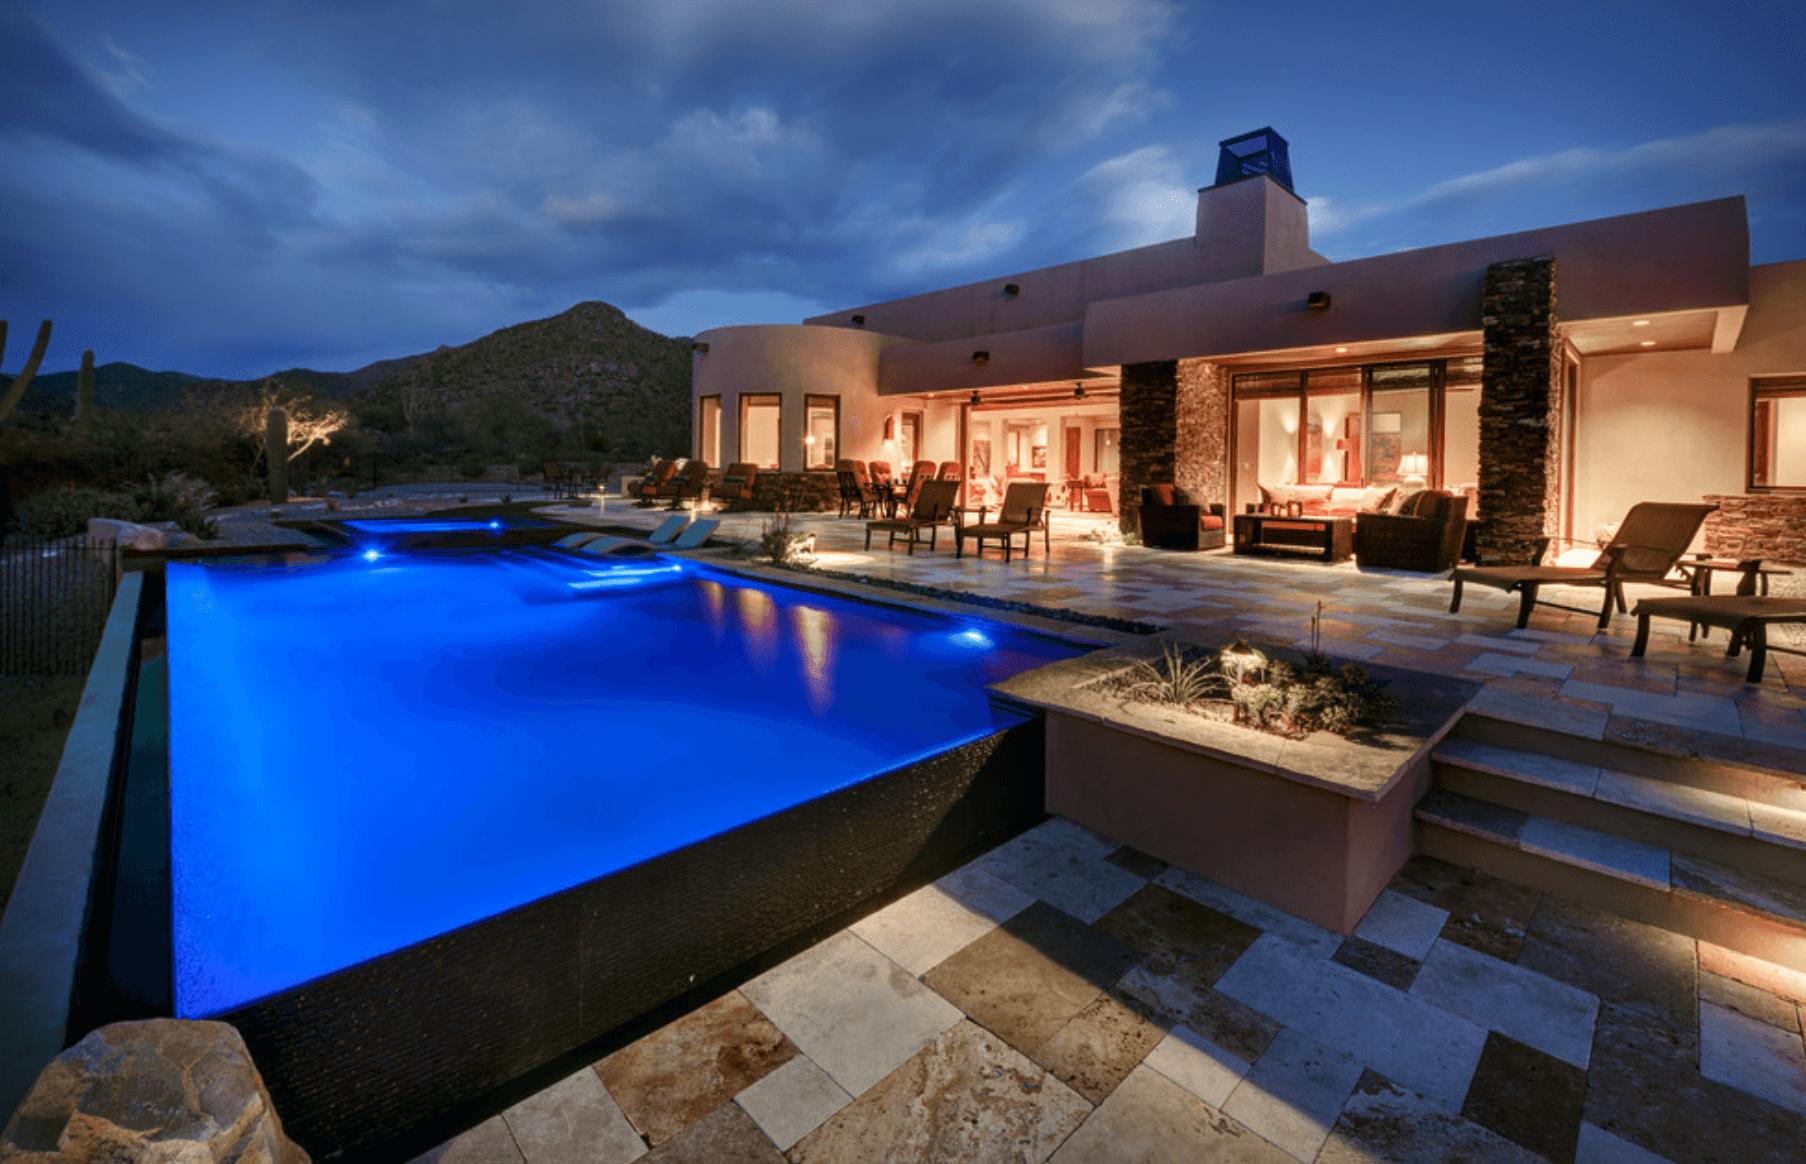 Casa de campo como projetar arquidicas for Modelos de piscinas de campo